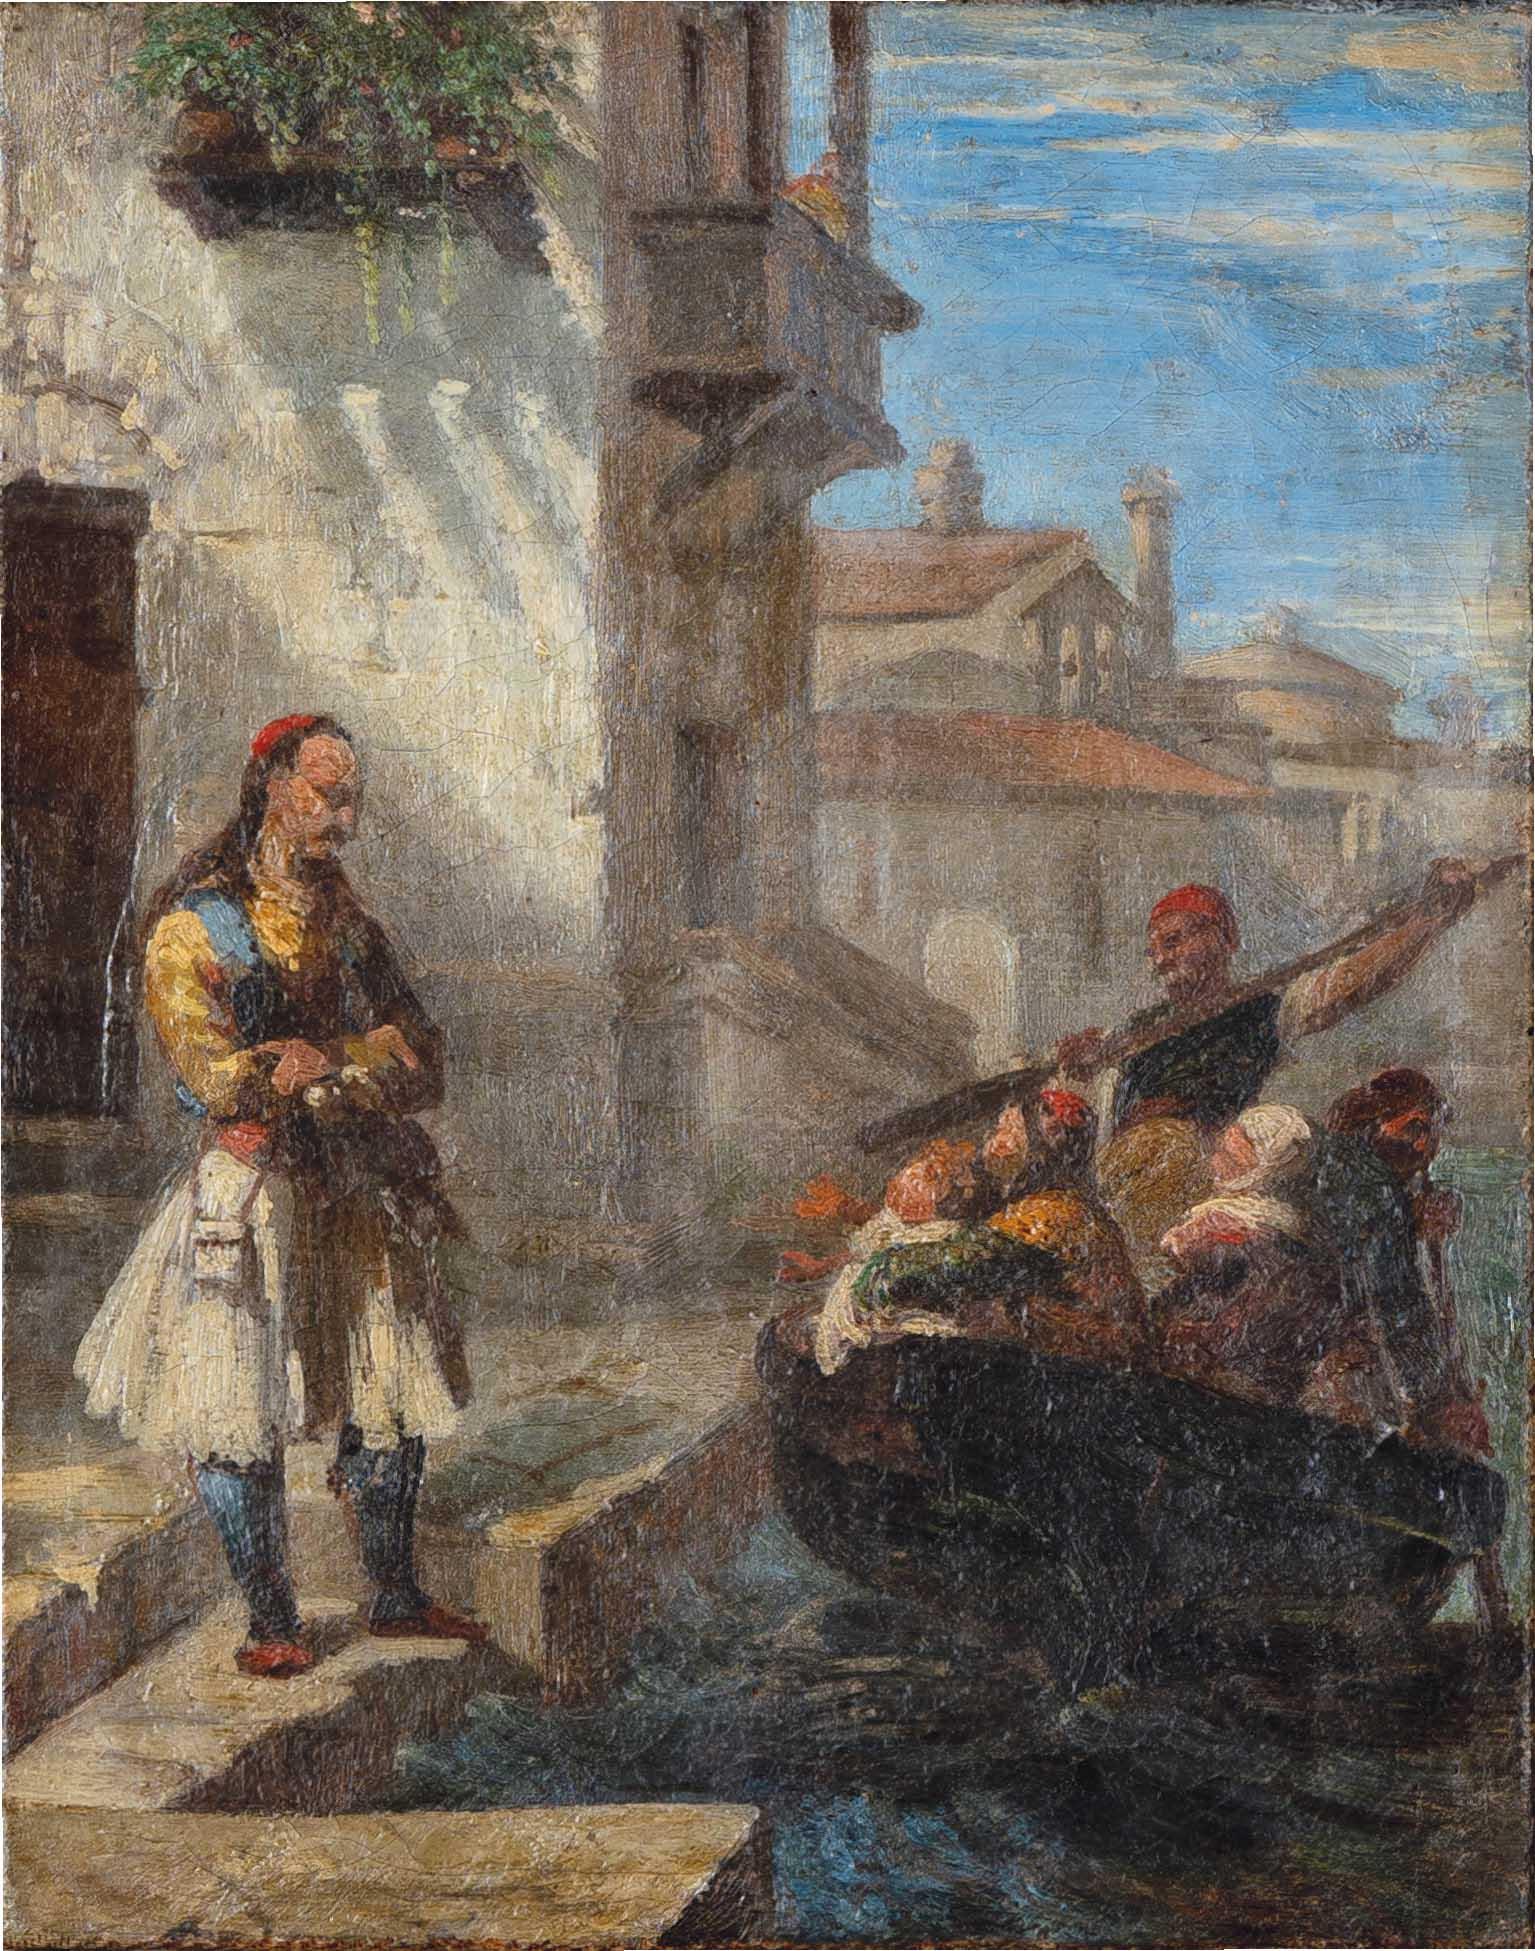 Γεώργιος Μηνιάτης